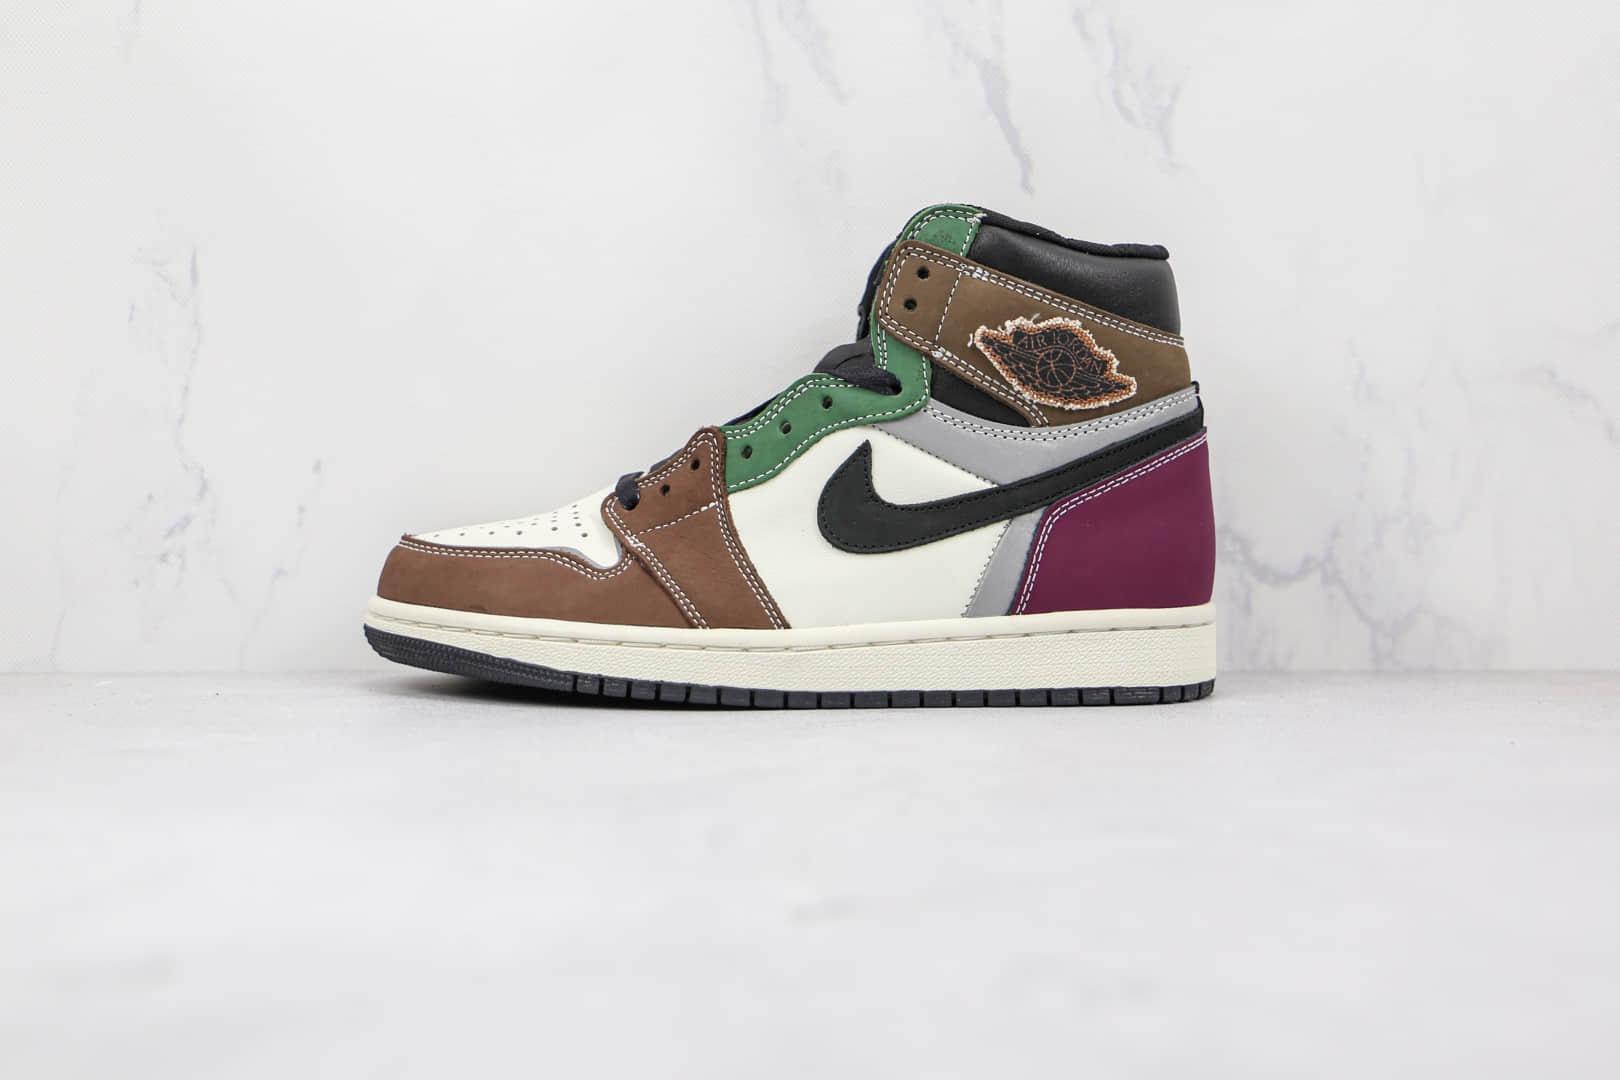 乔丹Air Jordan 1 High OG Hand Crafted纯原版本高帮AJ1彩色拼接白棕黑紫绿3M反光板鞋原档案数据开发 货号:DH3097-001